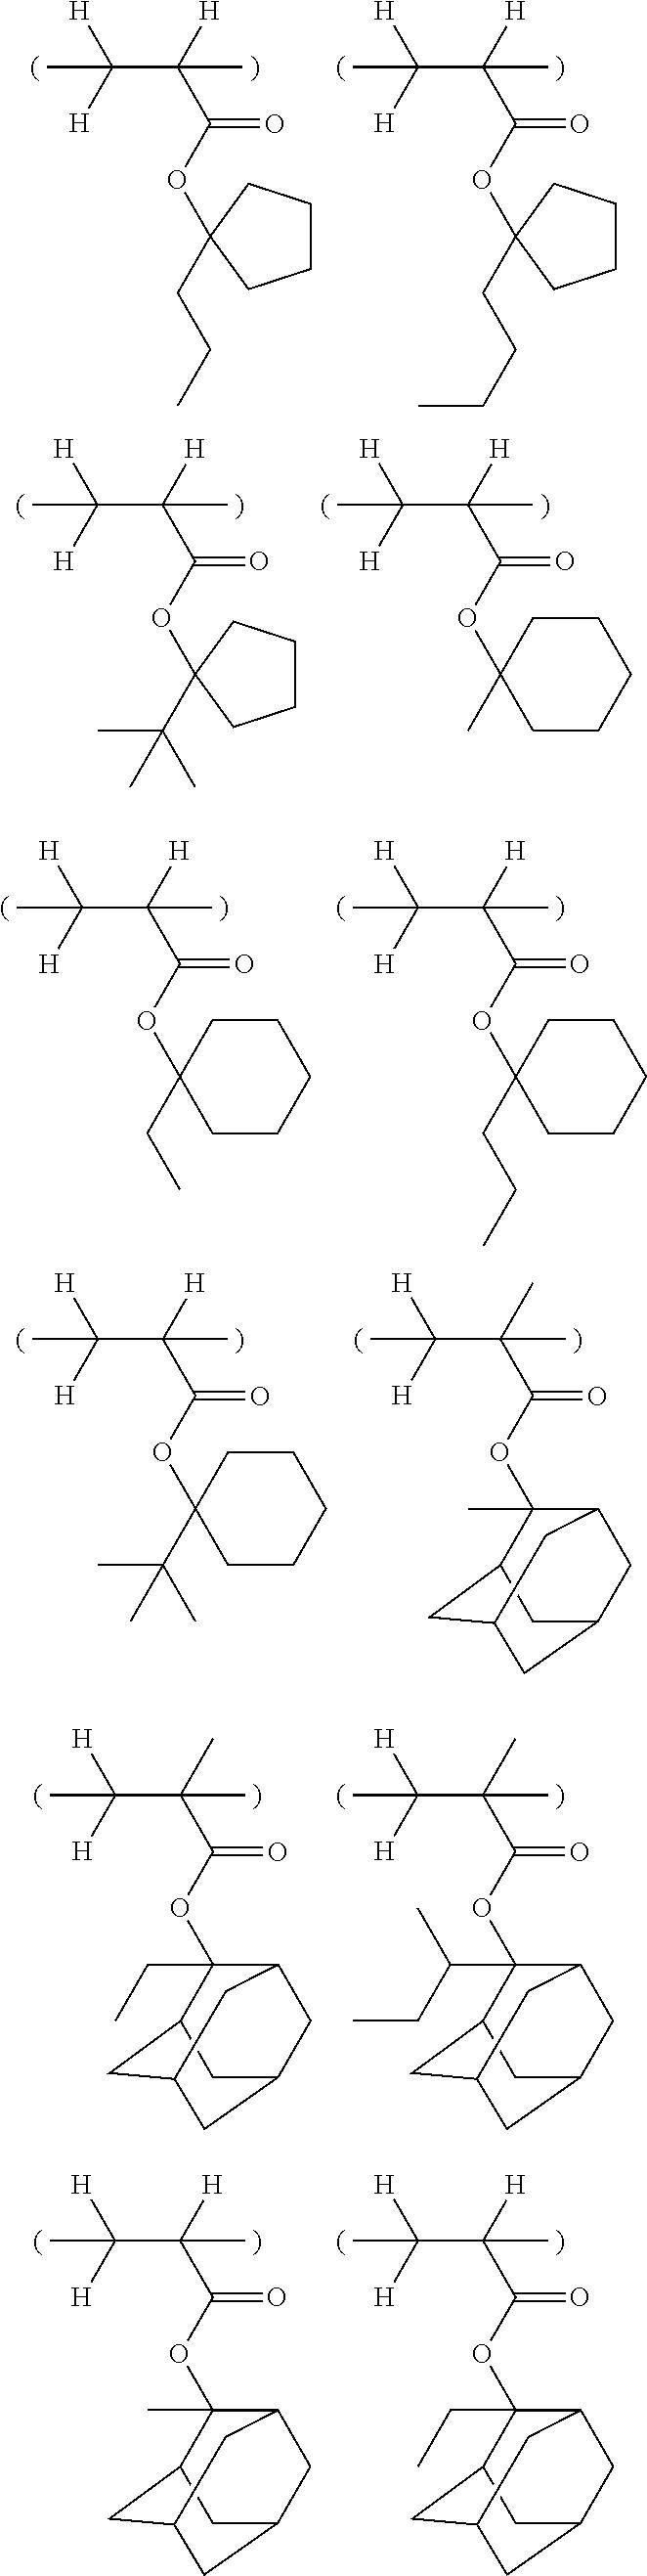 Figure US08900793-20141202-C00045